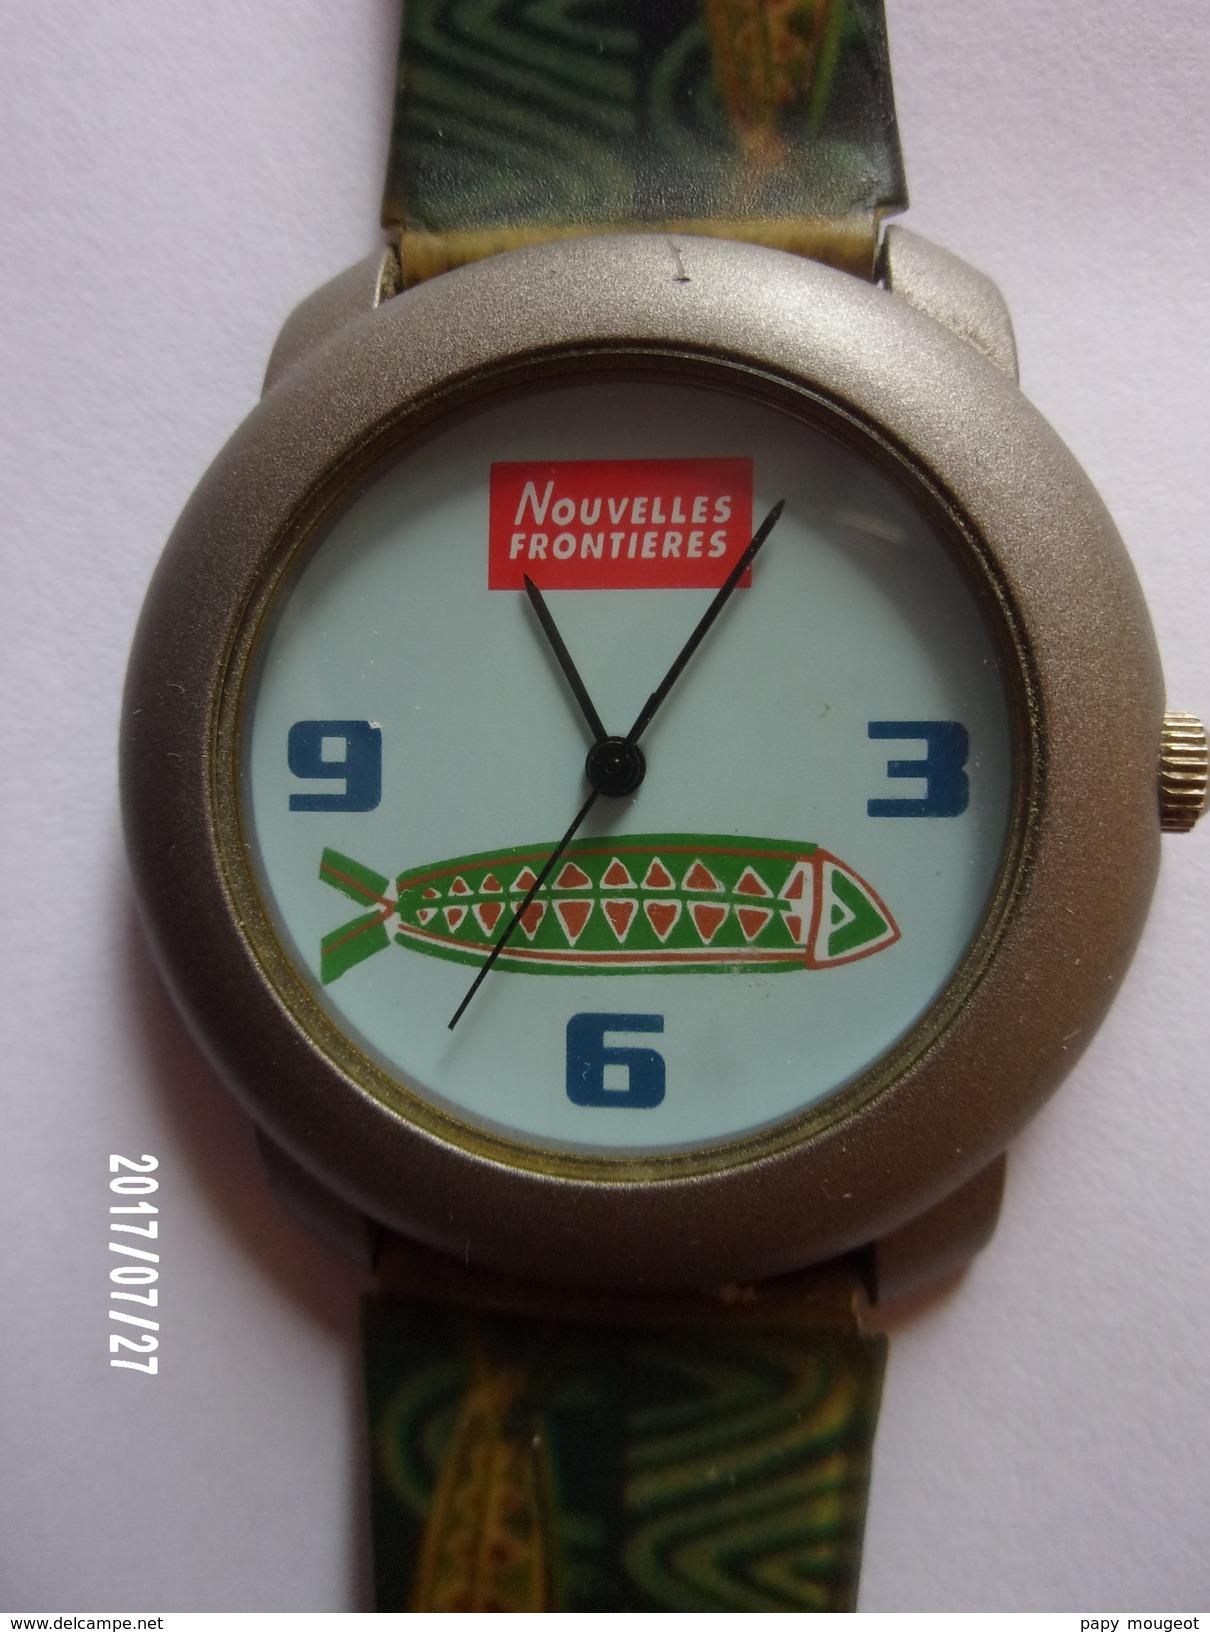 Montre Bracelet Nouvelles Frontières - Montres Publicitaires